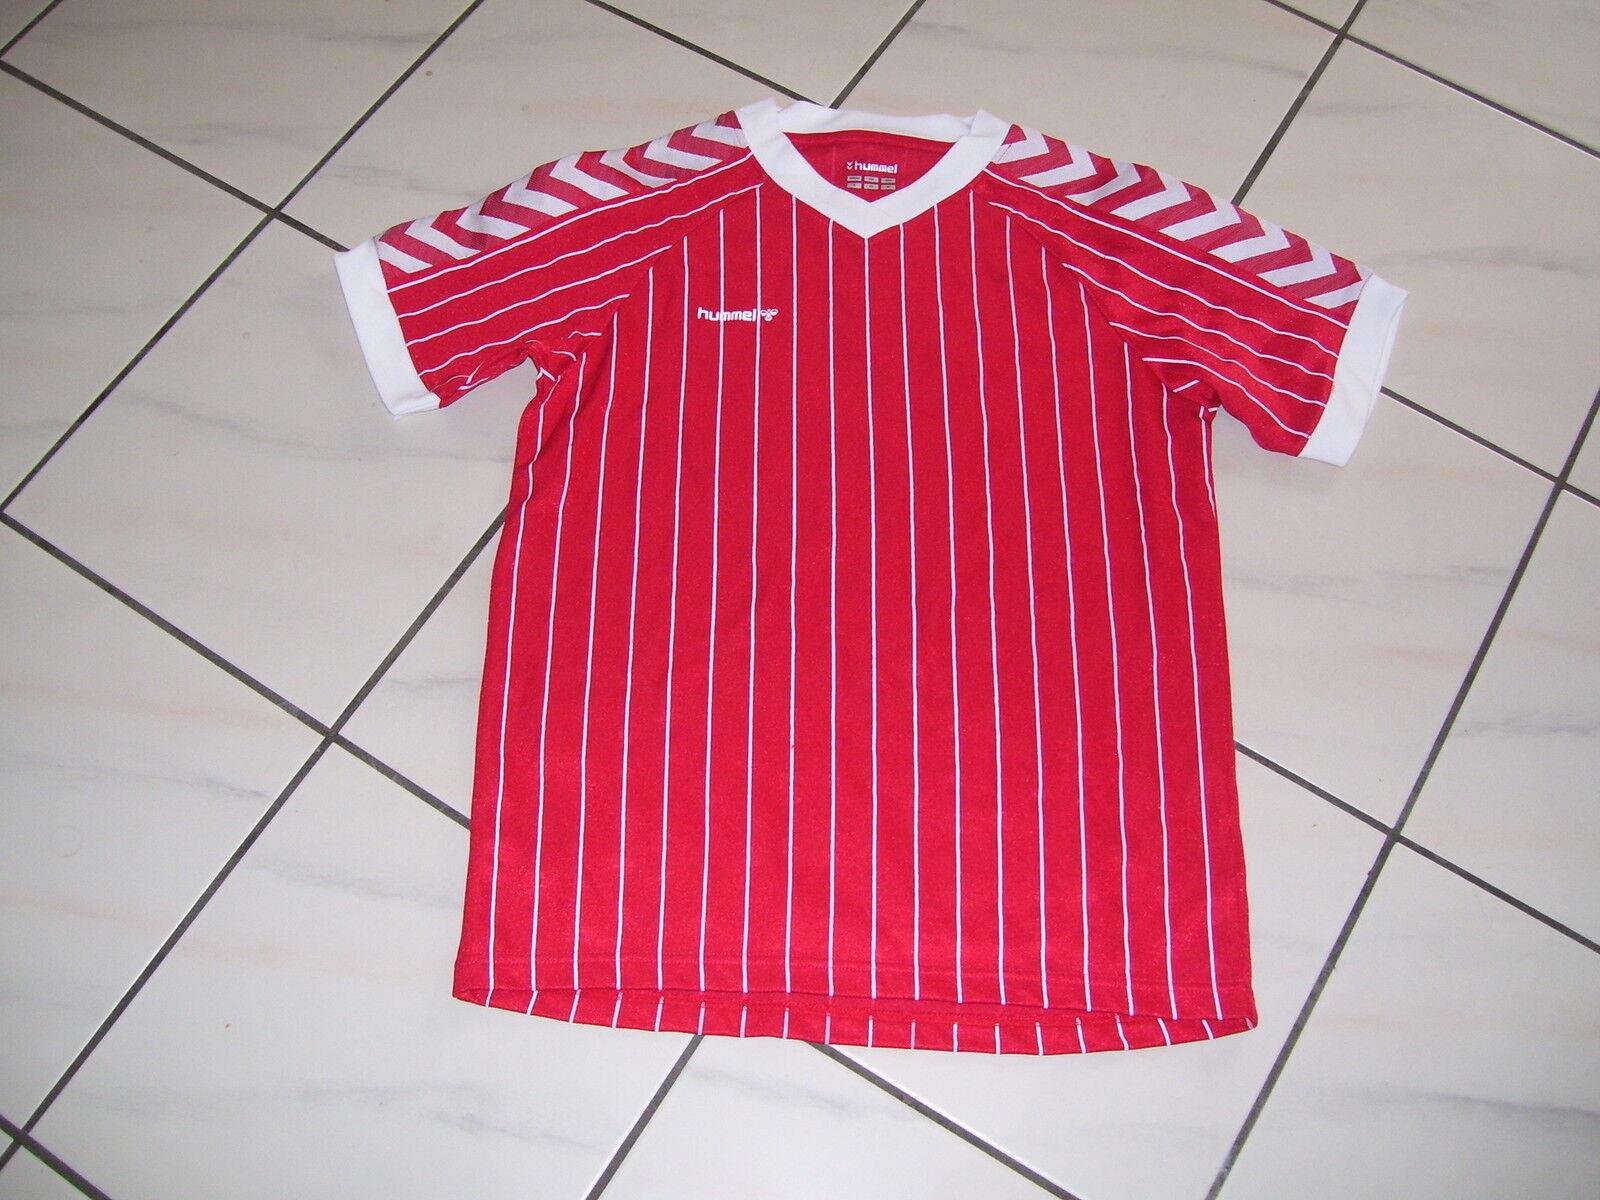 Shirt Trikot ALAN SIMONSEN DANEMARK Gr. S Fussballtrikot Dänemark Dänemark Fussballtrikot Danmark 0bef1b